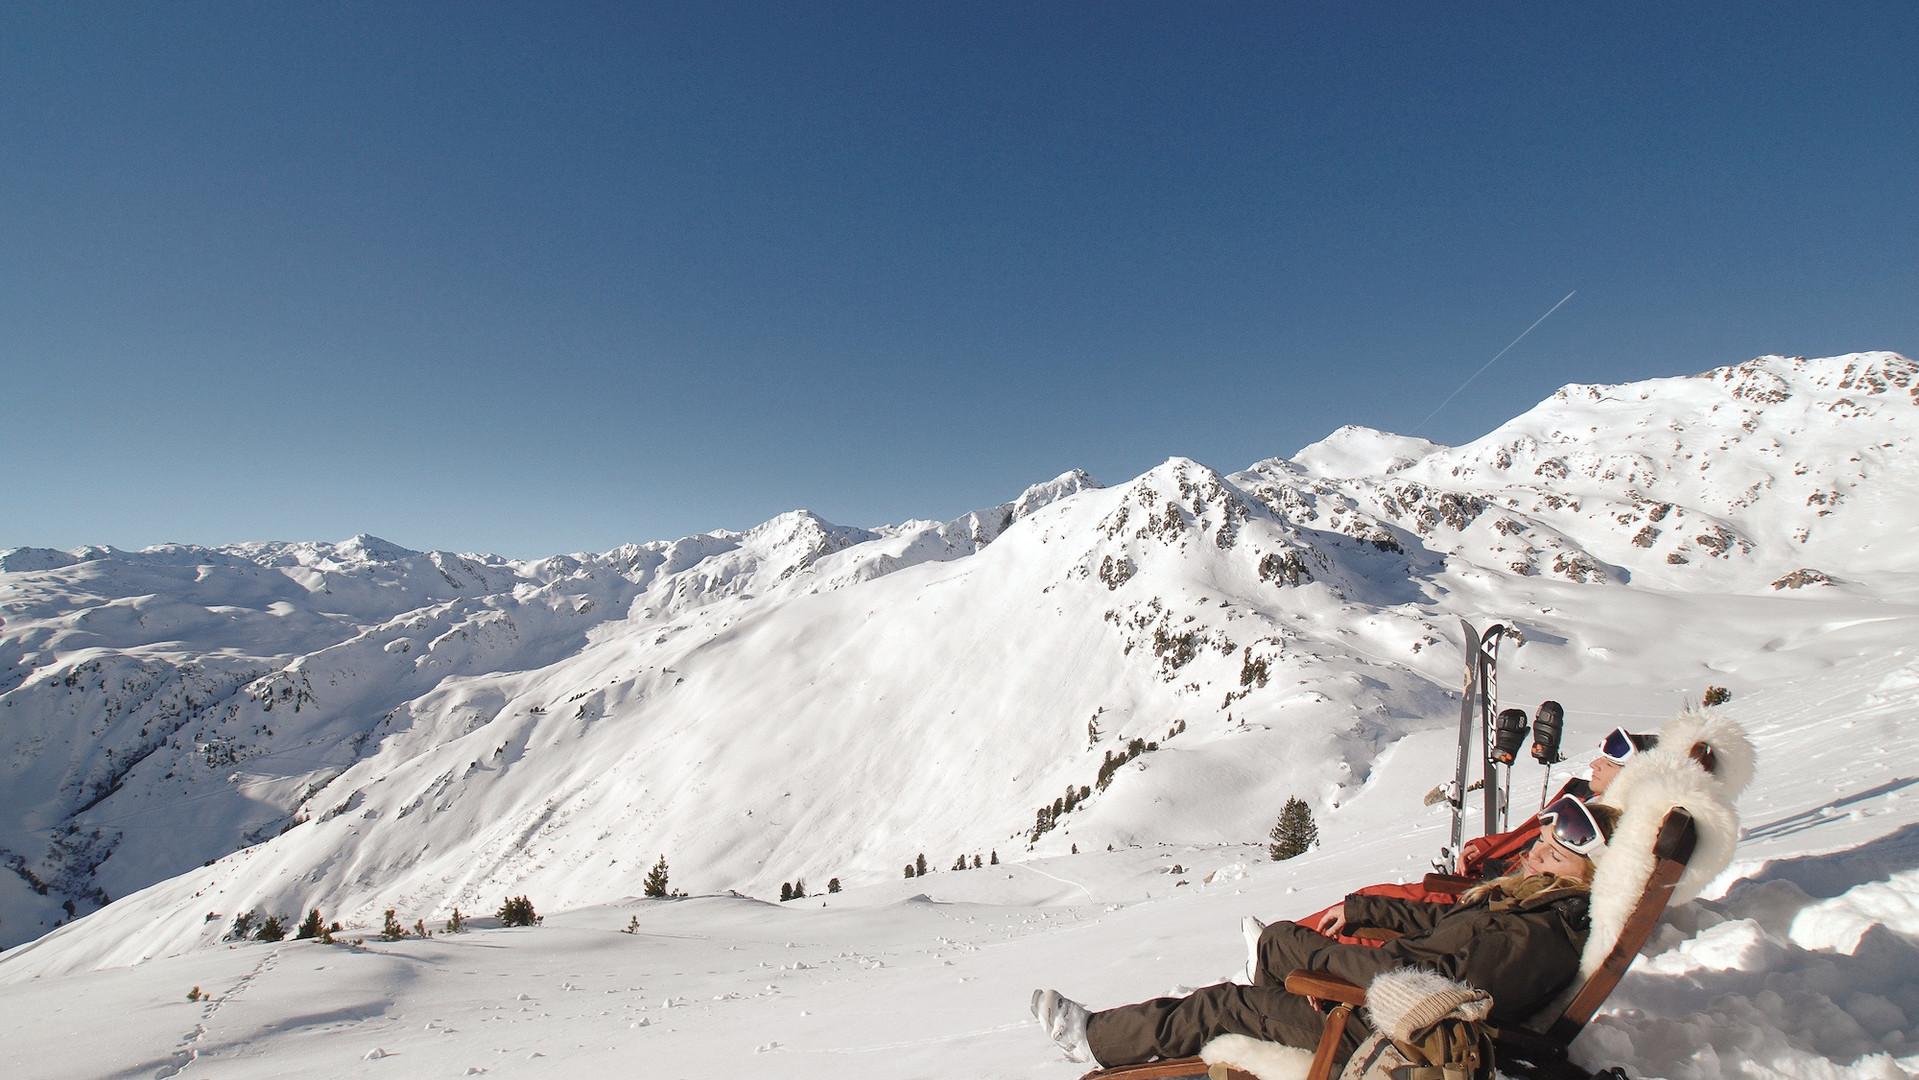 Winterpanorama Hochzillertal Bergwinter